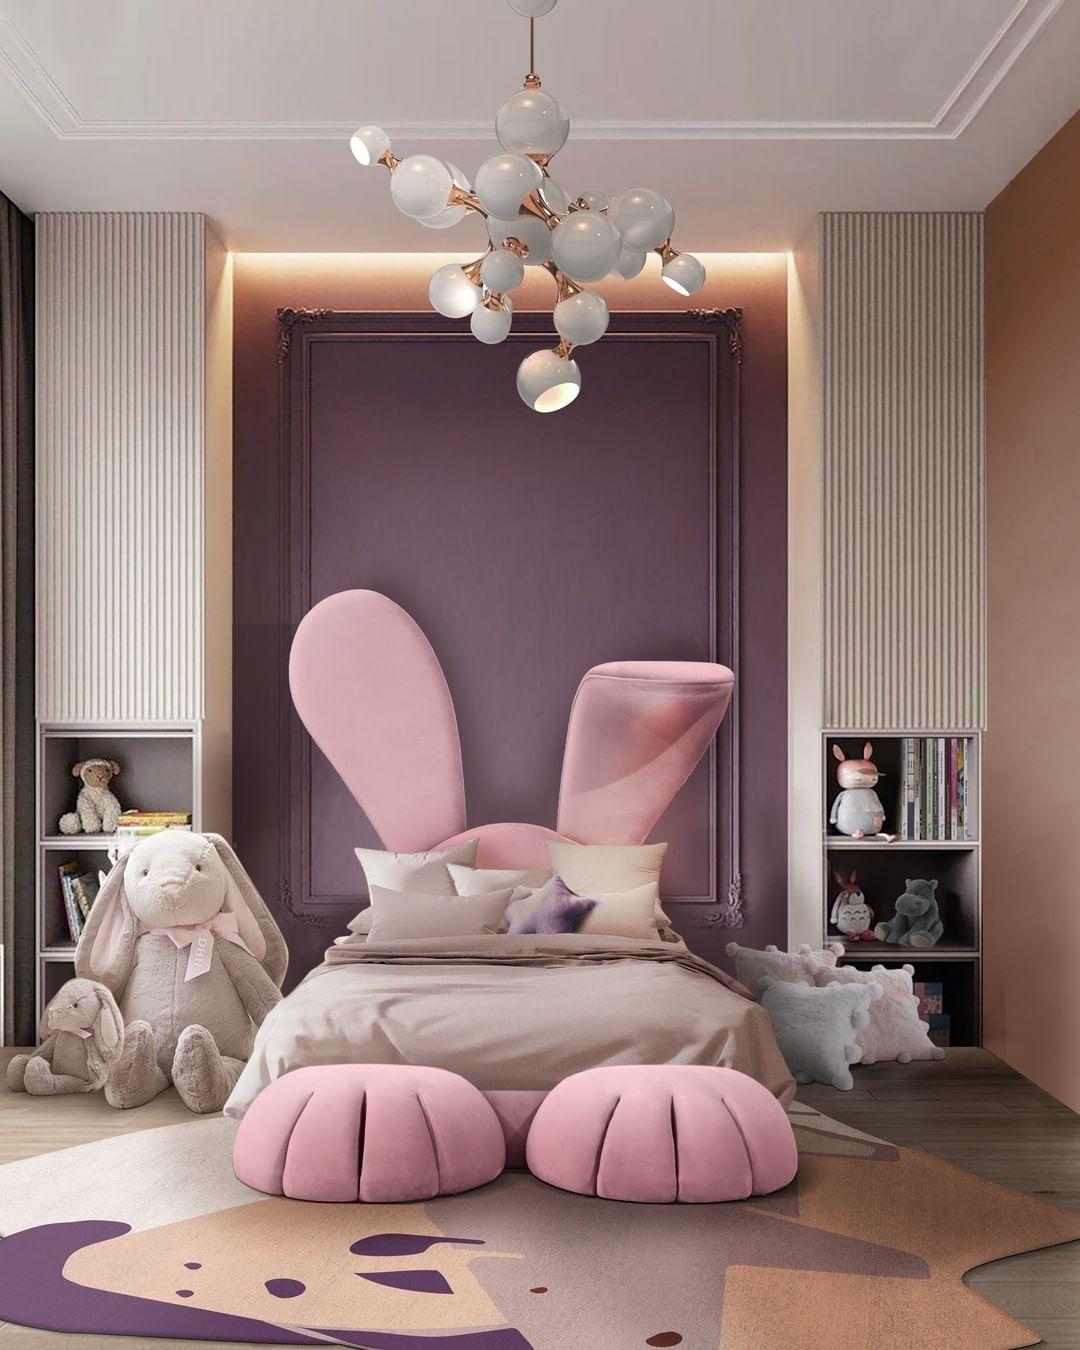 bedroom design inspiration- kids bed